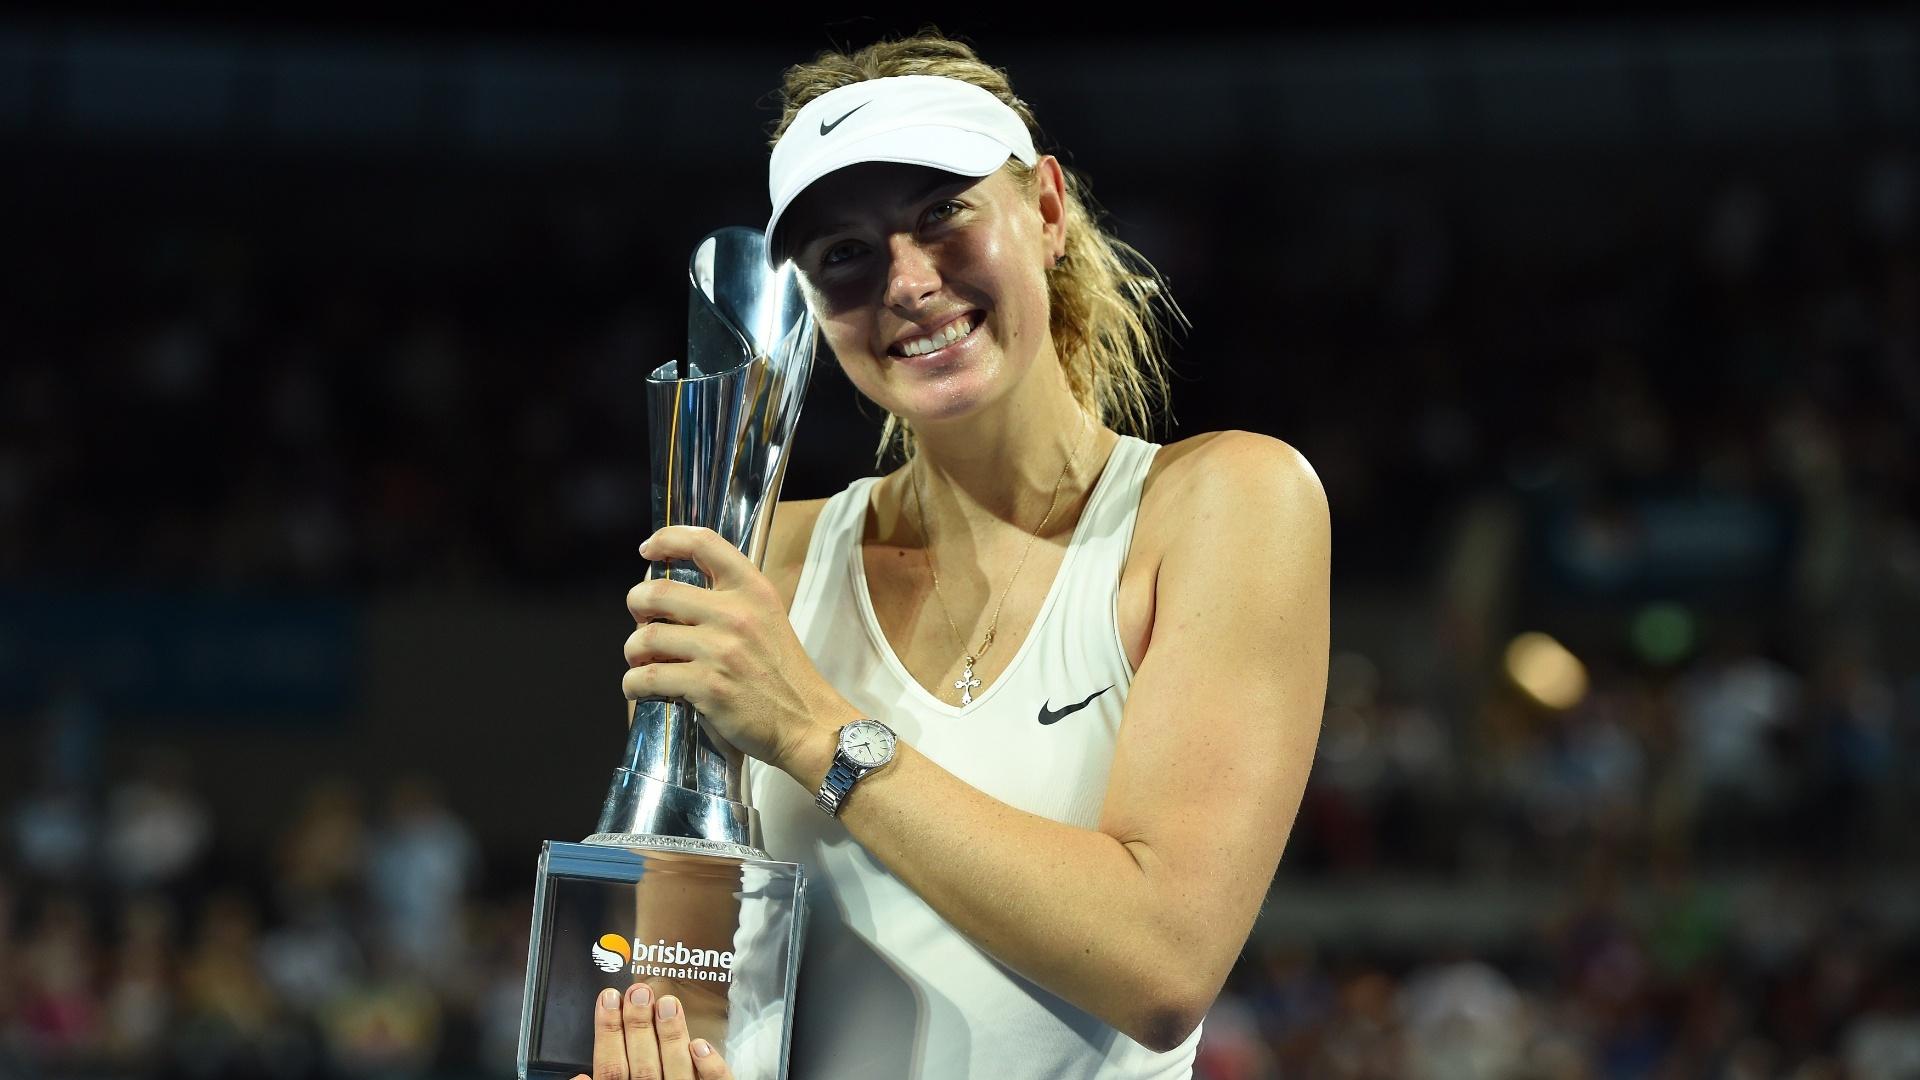 Sharapova posa para fotos com a taça do WTA de Brisbane